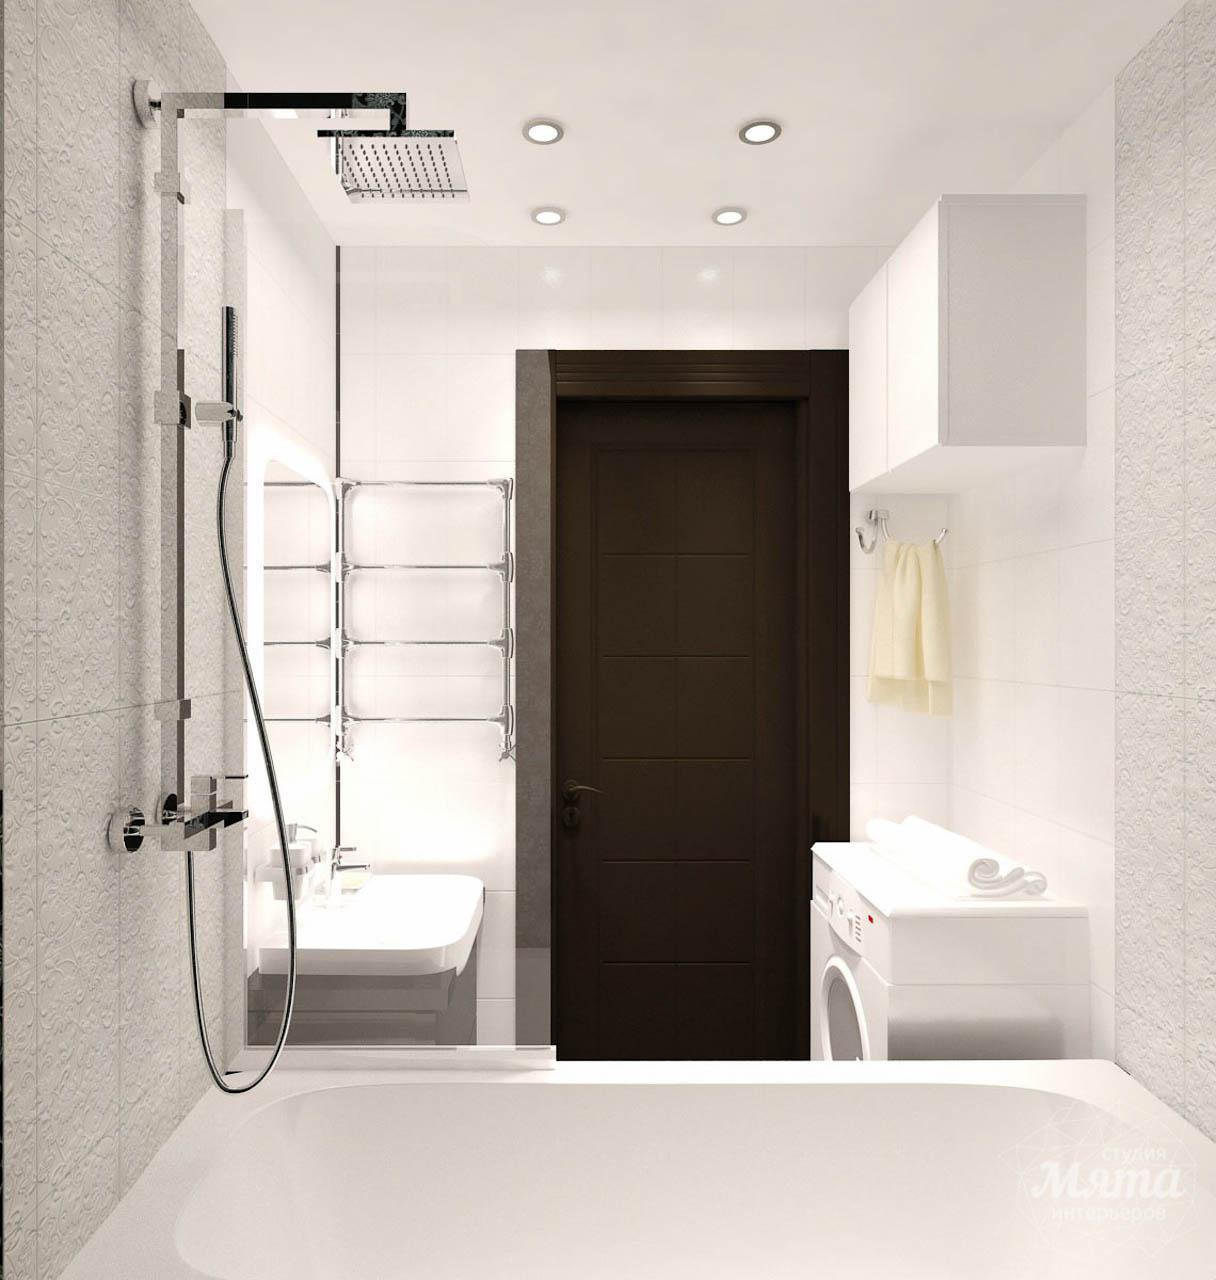 Дизайн интерьера двухкомнатной квартиры по ул. Бебеля 156 img1840957355